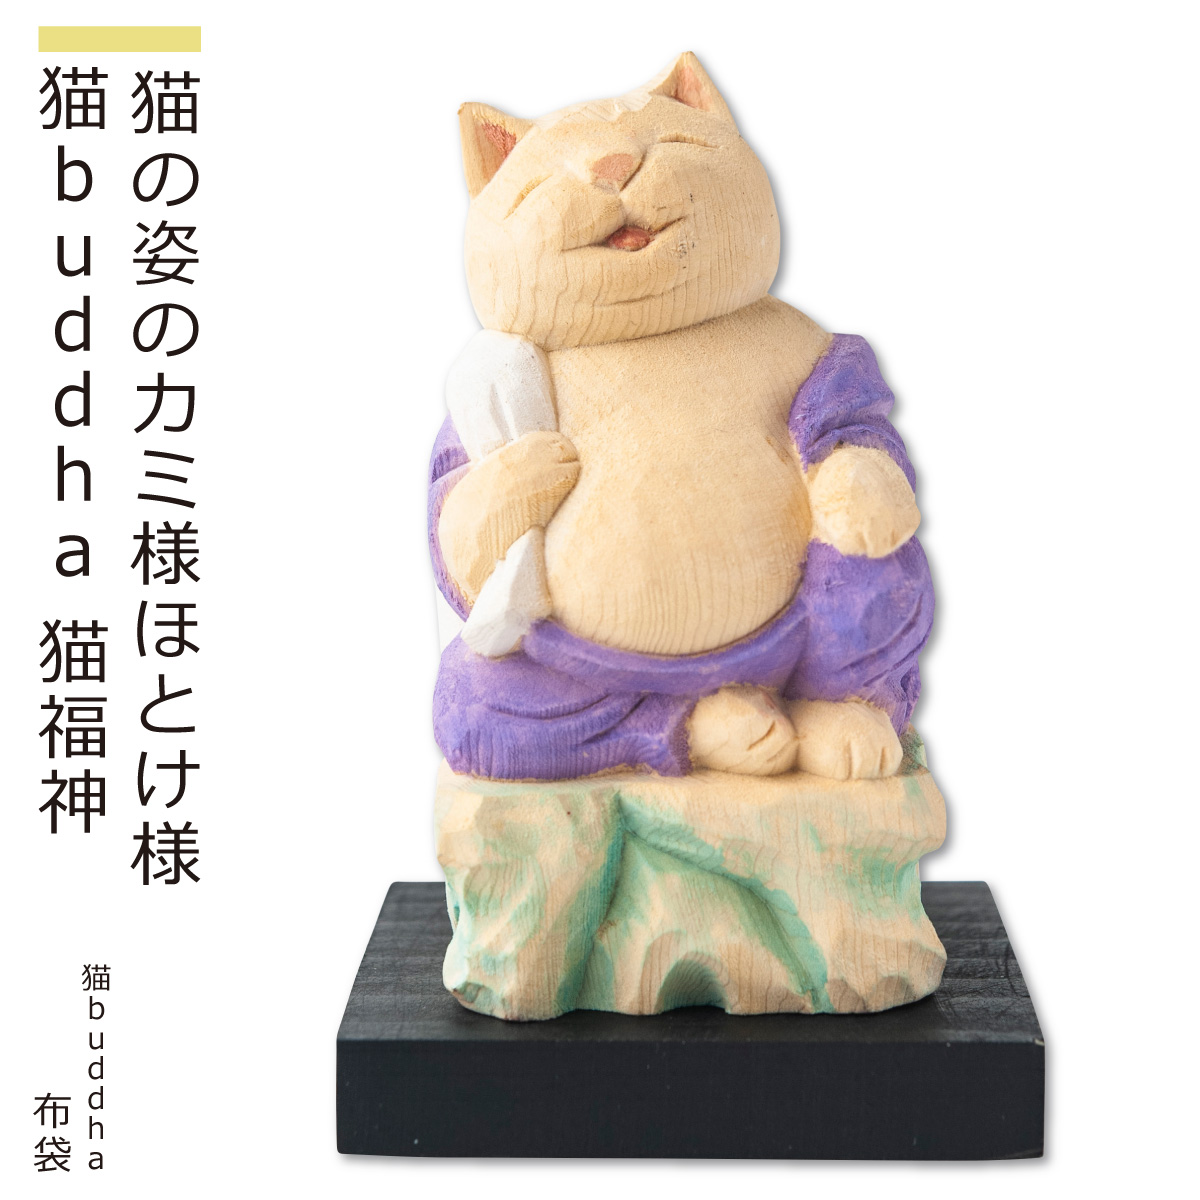 猫buddha 布袋 笑顔で福を招くにゃ ≫ にゃんブッダ 癒される猫姿の神さま仏さま 全品送料無料 テレビで話題 仏屋さかい原型 監修 猫 ねこ すべて木彫りで作っちゃいました ギフト 木彫り 置物 仏像 プレゼント